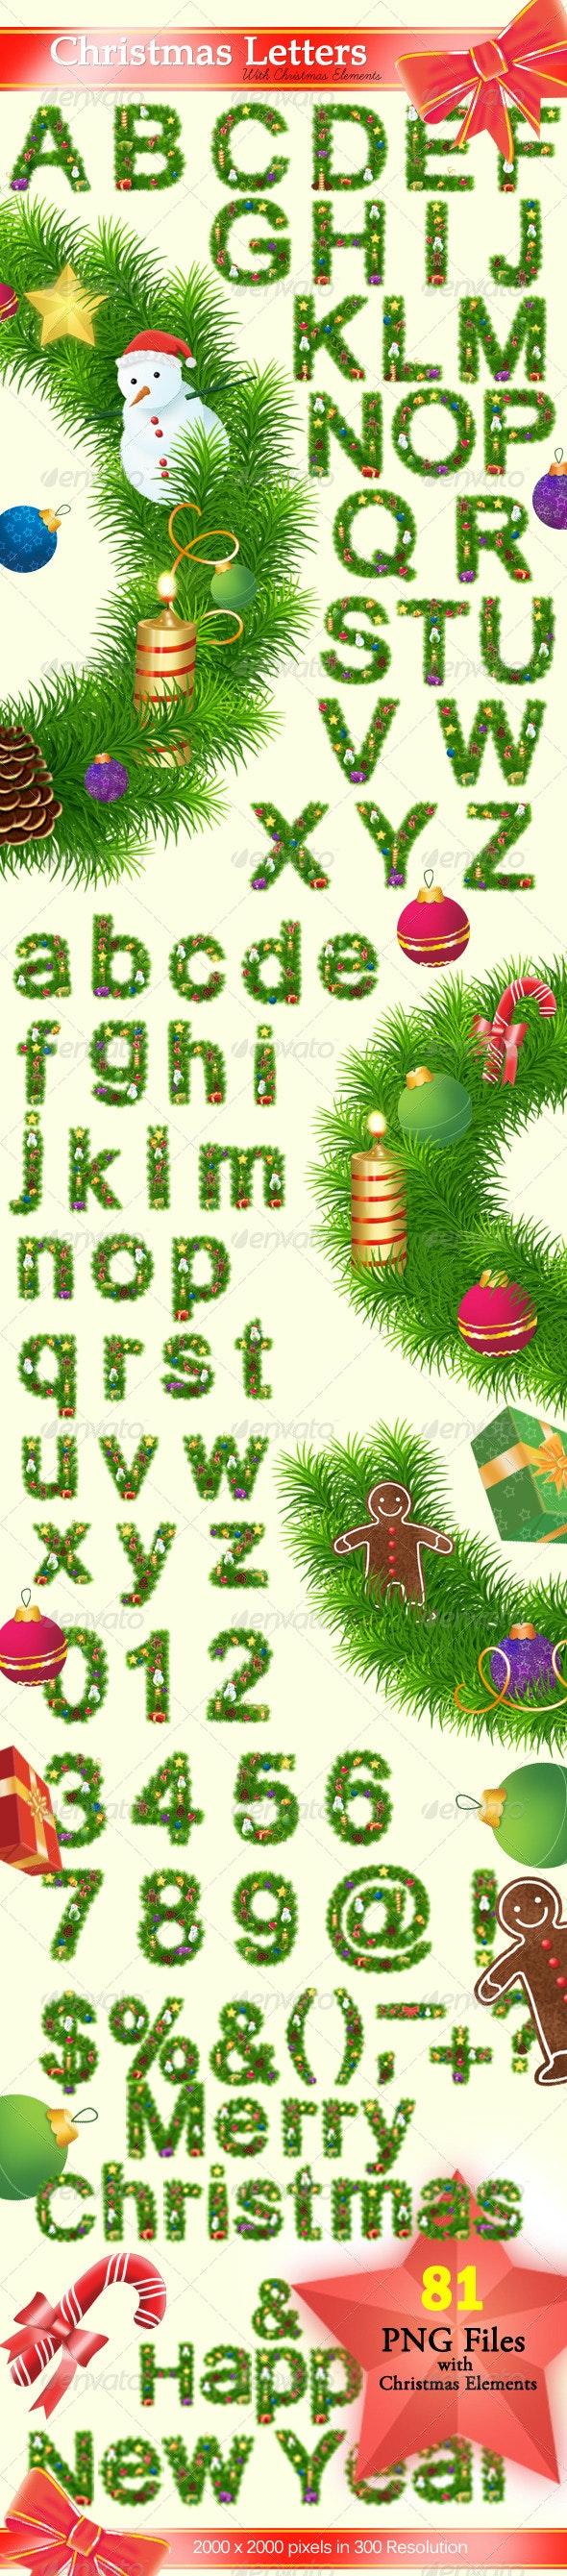 Christmas Letters  - Decorative Symbols Decorative